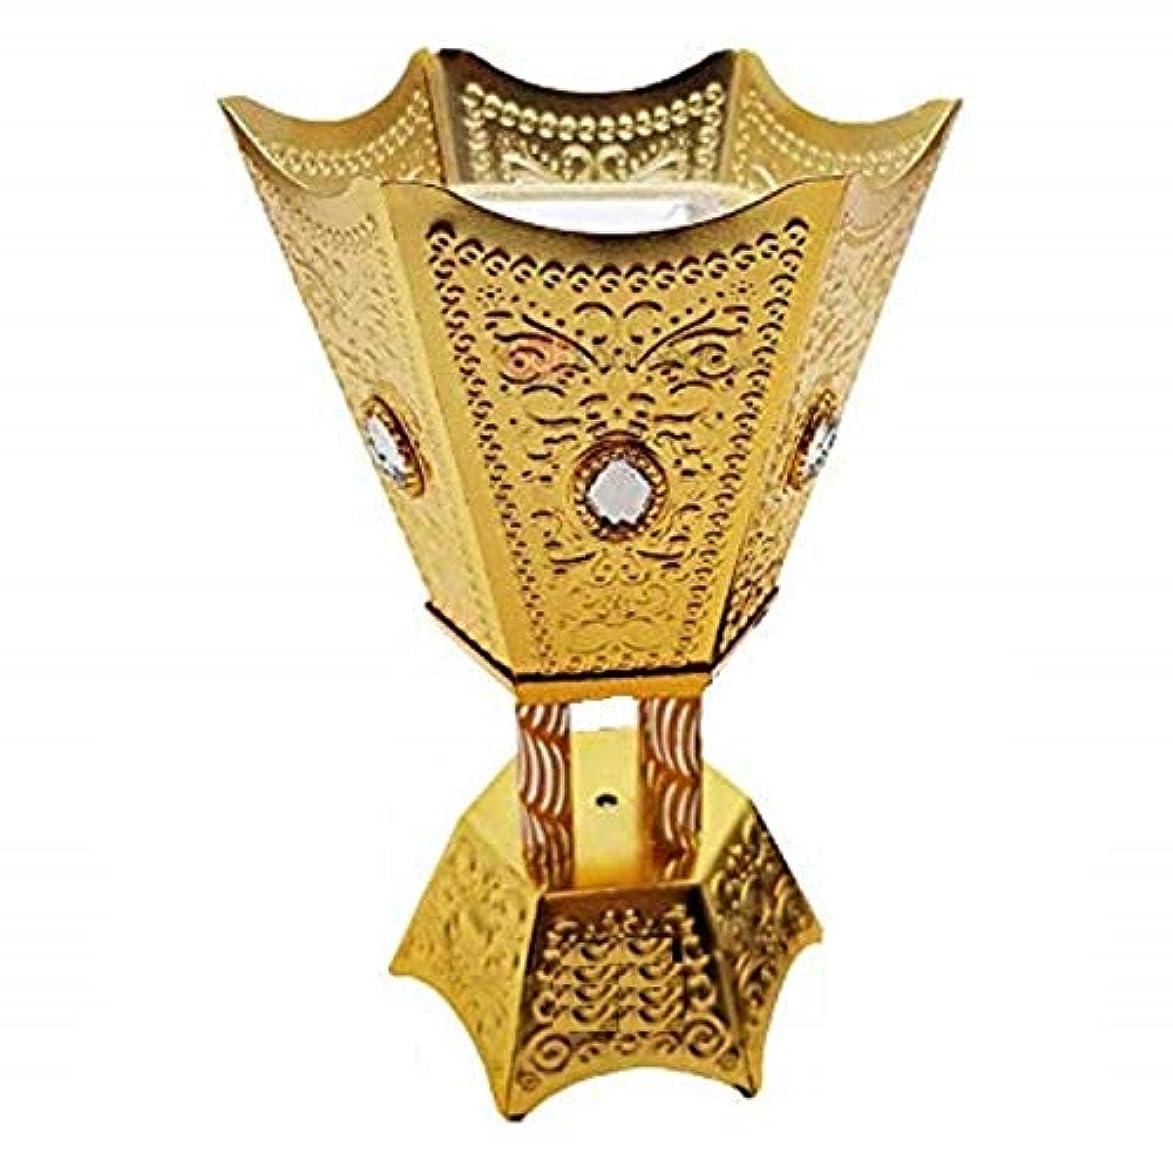 確執届けるに沿ってOMG-Deal Incense Burner Charcoal Bakhoor Frankincense Resin – Luxury Hand Painted Burner - WF -001 Golden